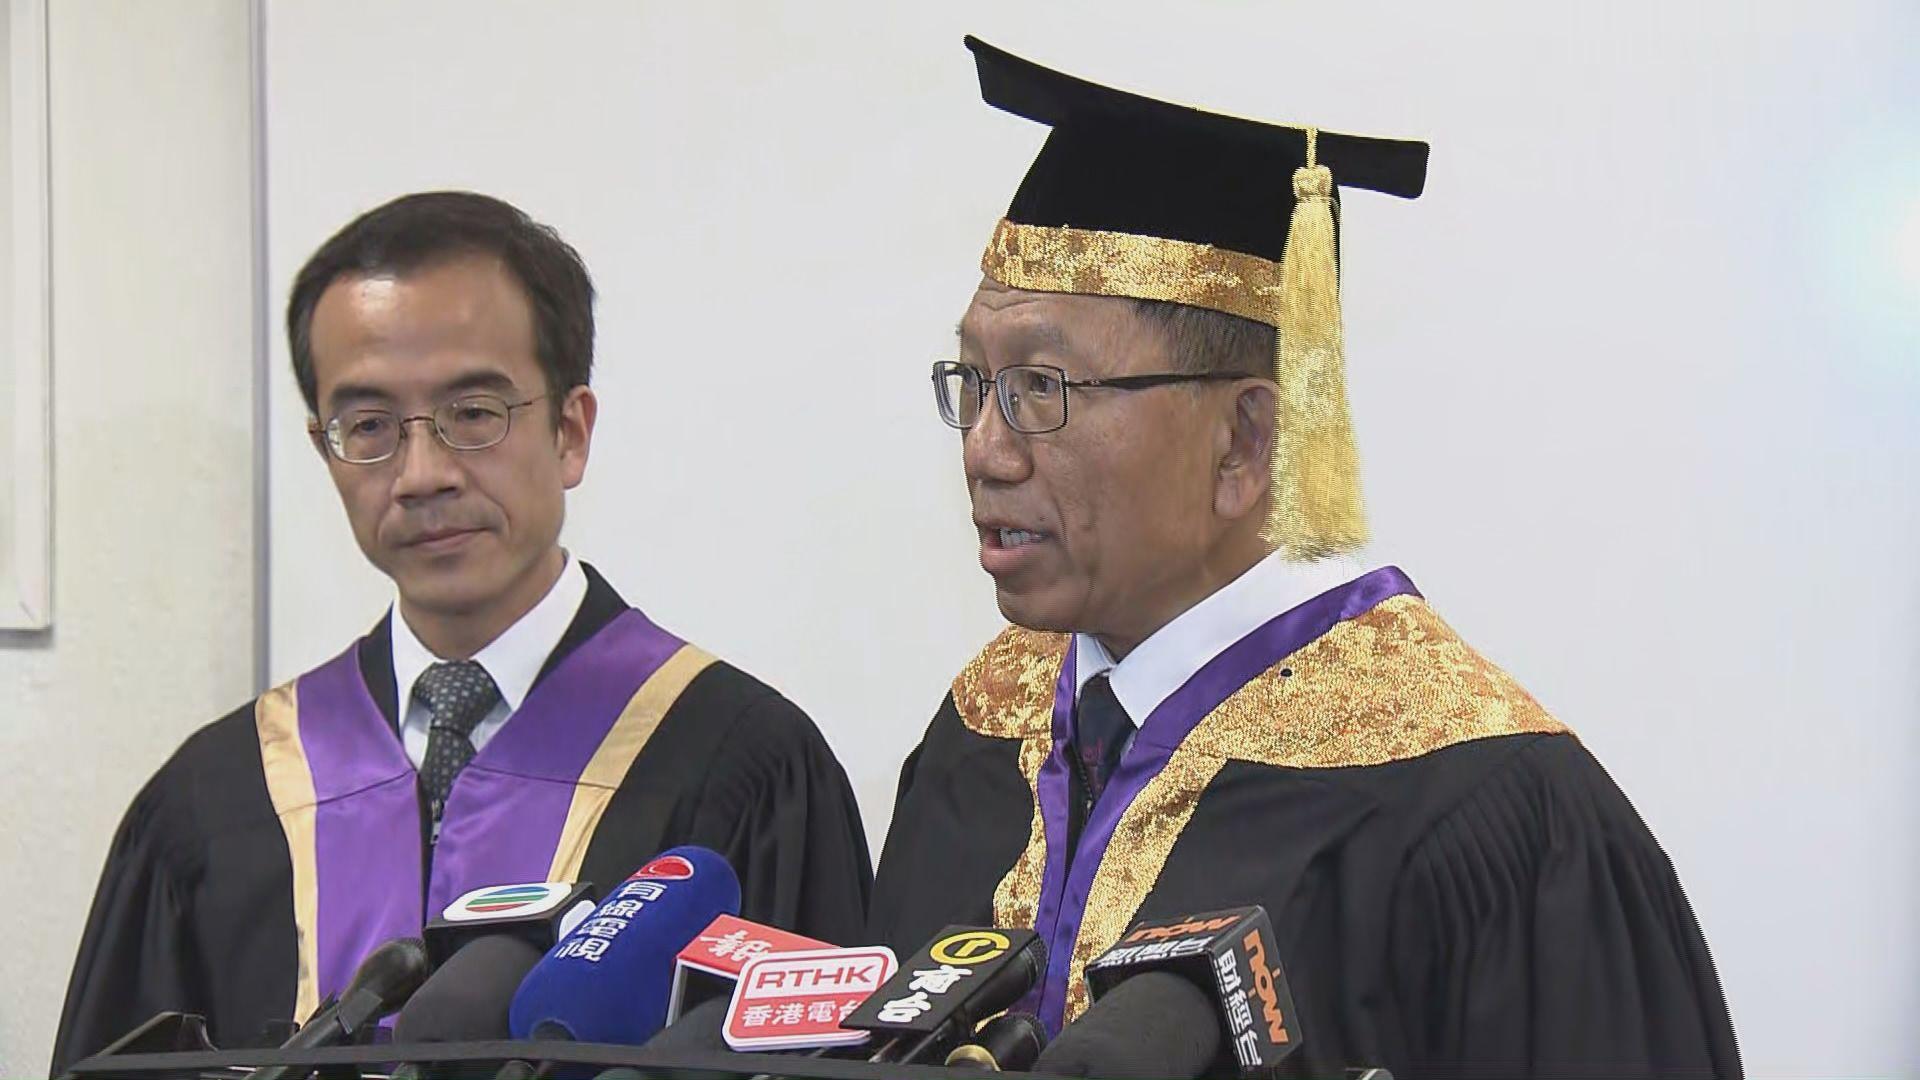 中大學生代表提港獨 校長重申大學不支持